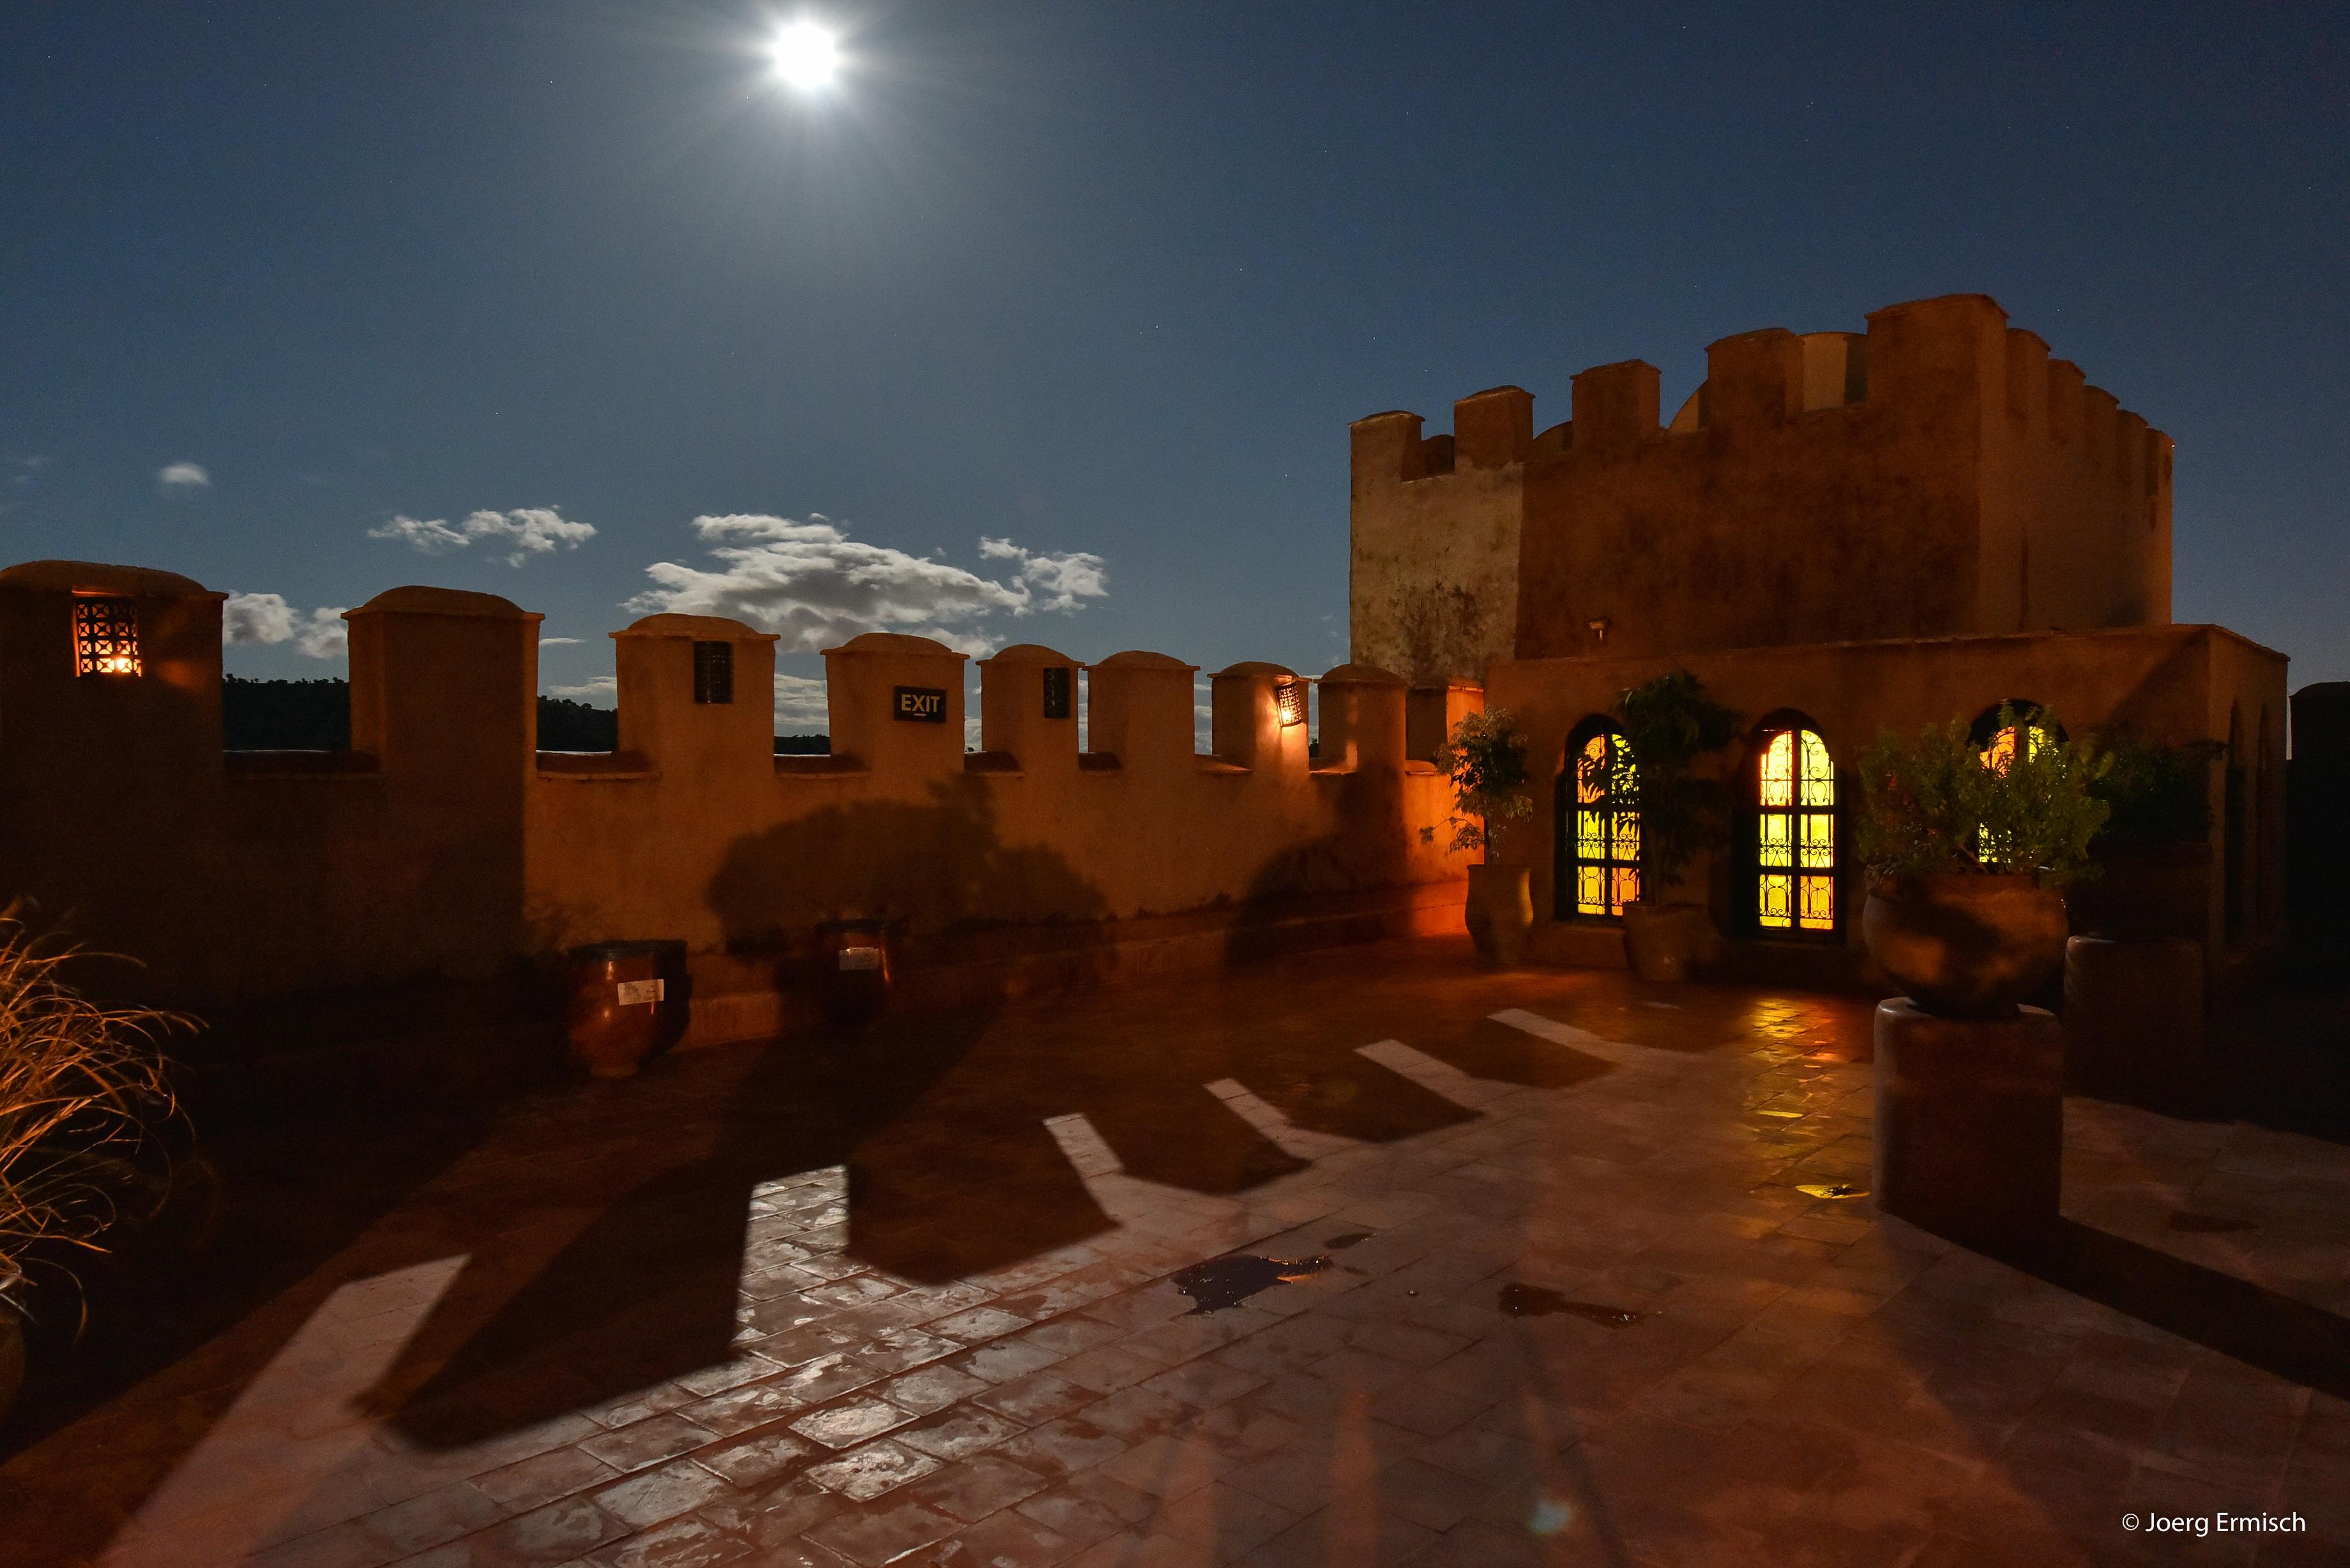 Atlas_Kasbah_nuit